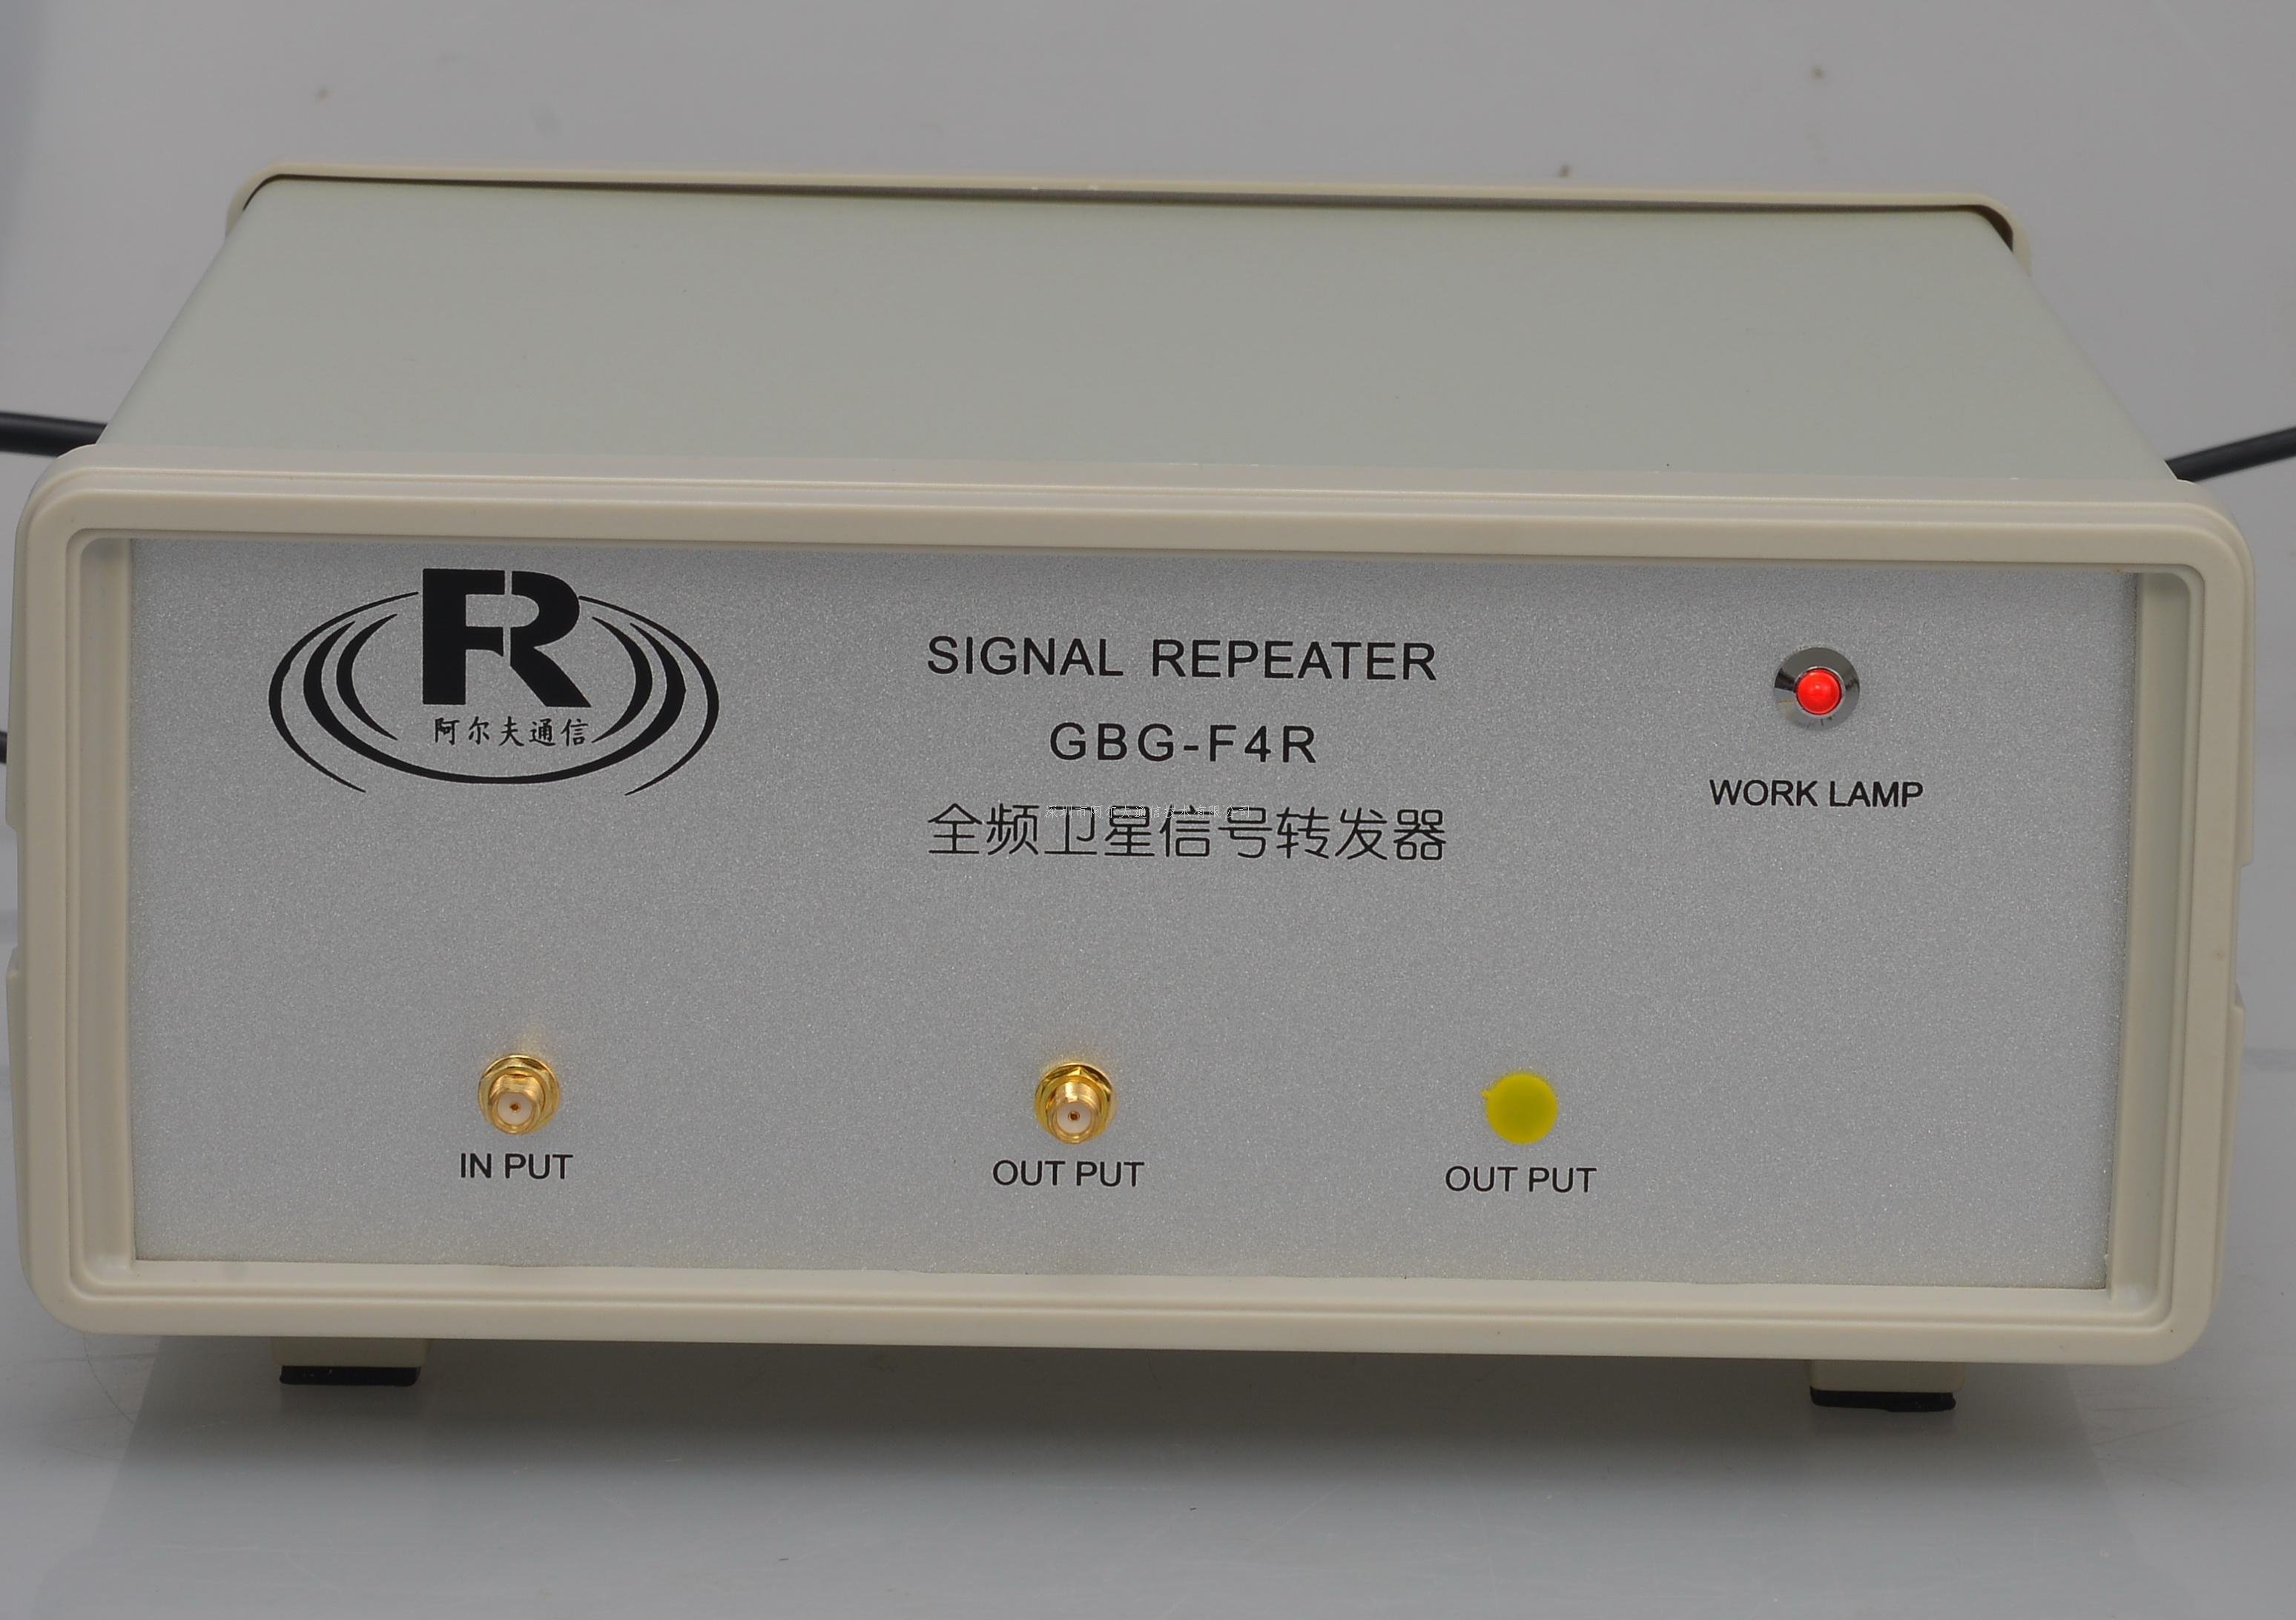 四星全頻衛星信號轉發器